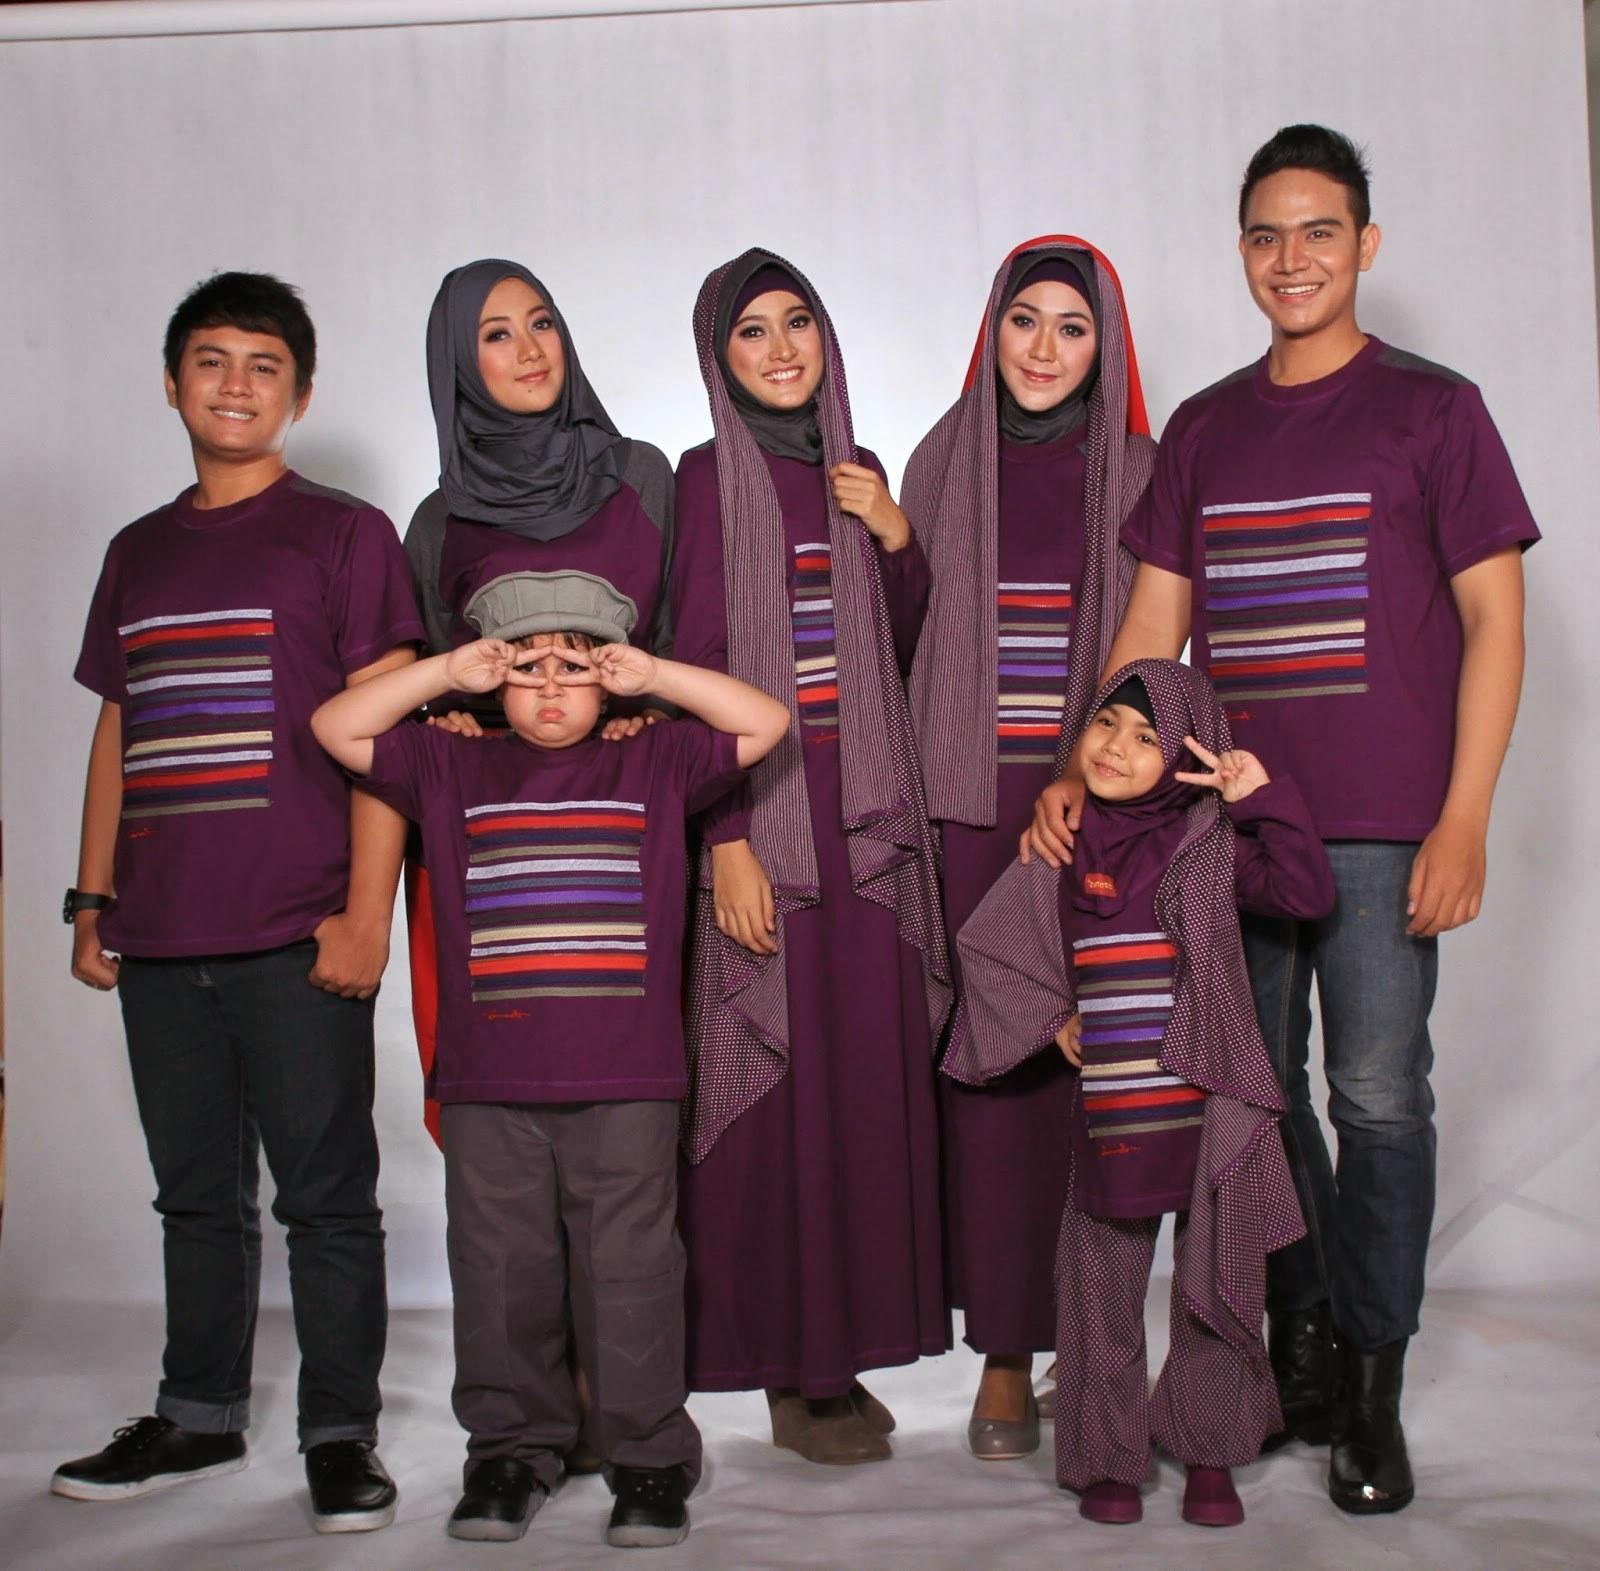 Bentuk Baju Lebaran Keluarga Terbaru Etdg Model Baju Keluarga Untuk Hari Raya Lebaran 2018